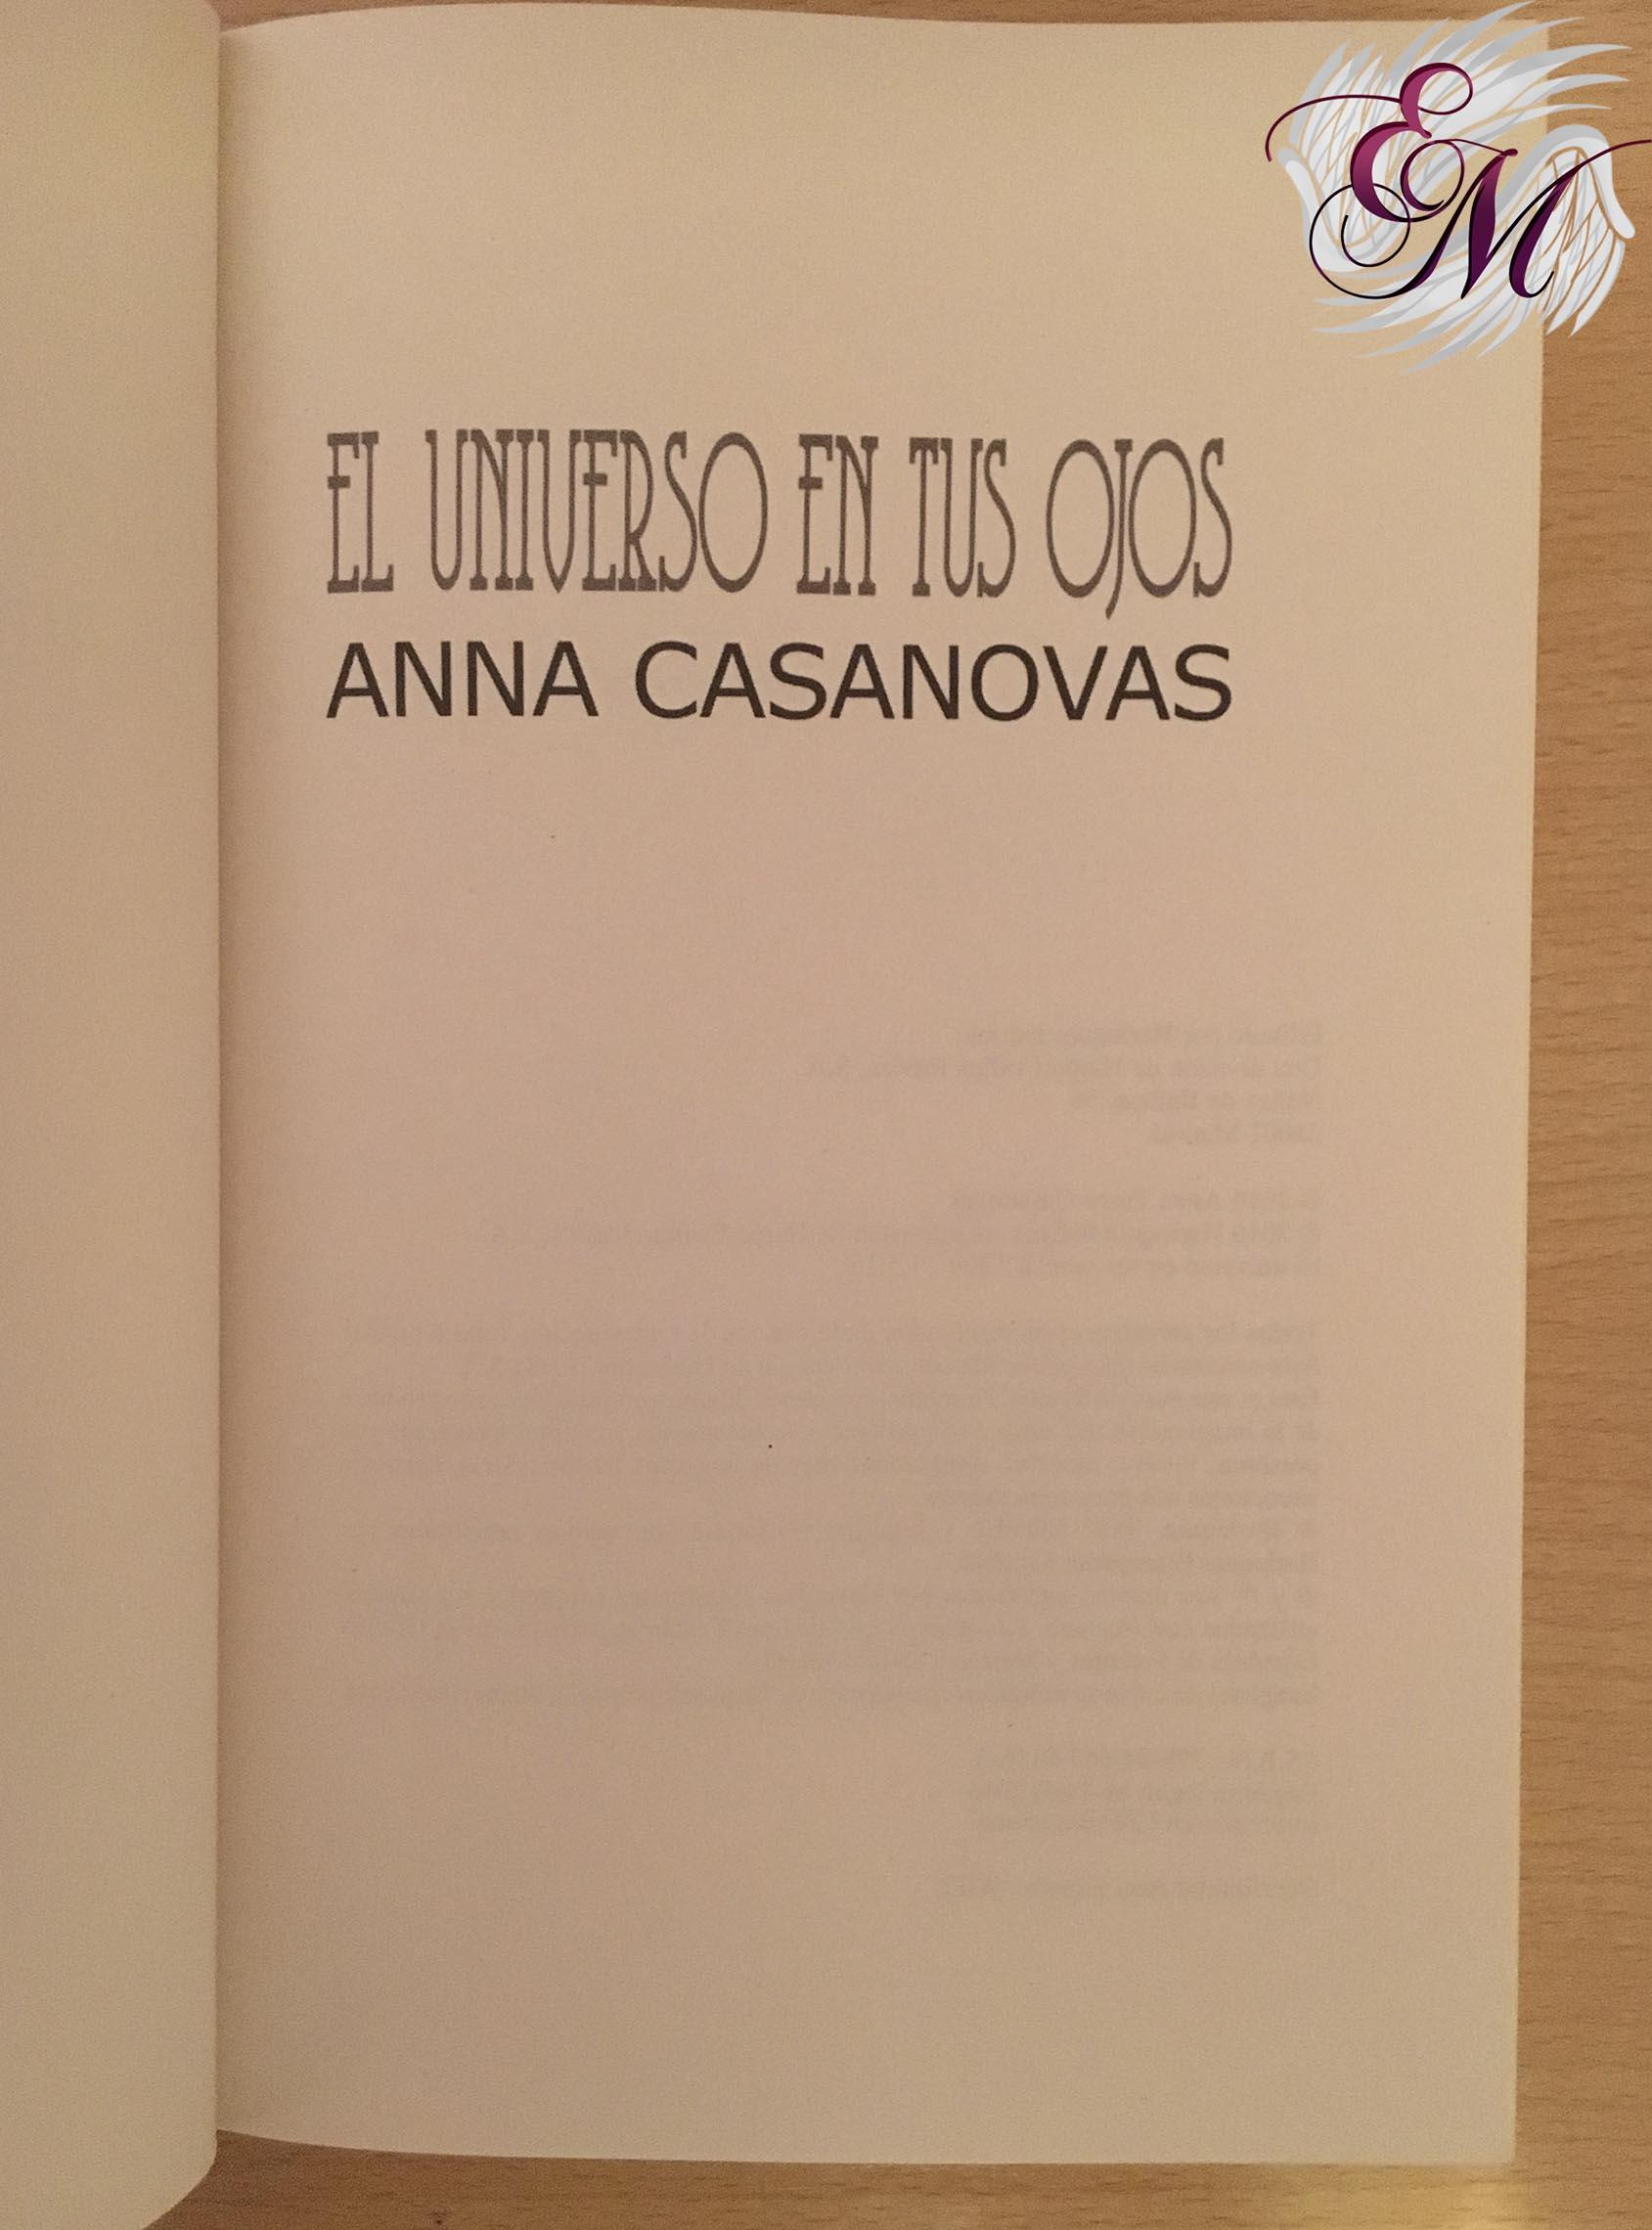 El universo en tus ojos, de Anna Casanovas - Reseña